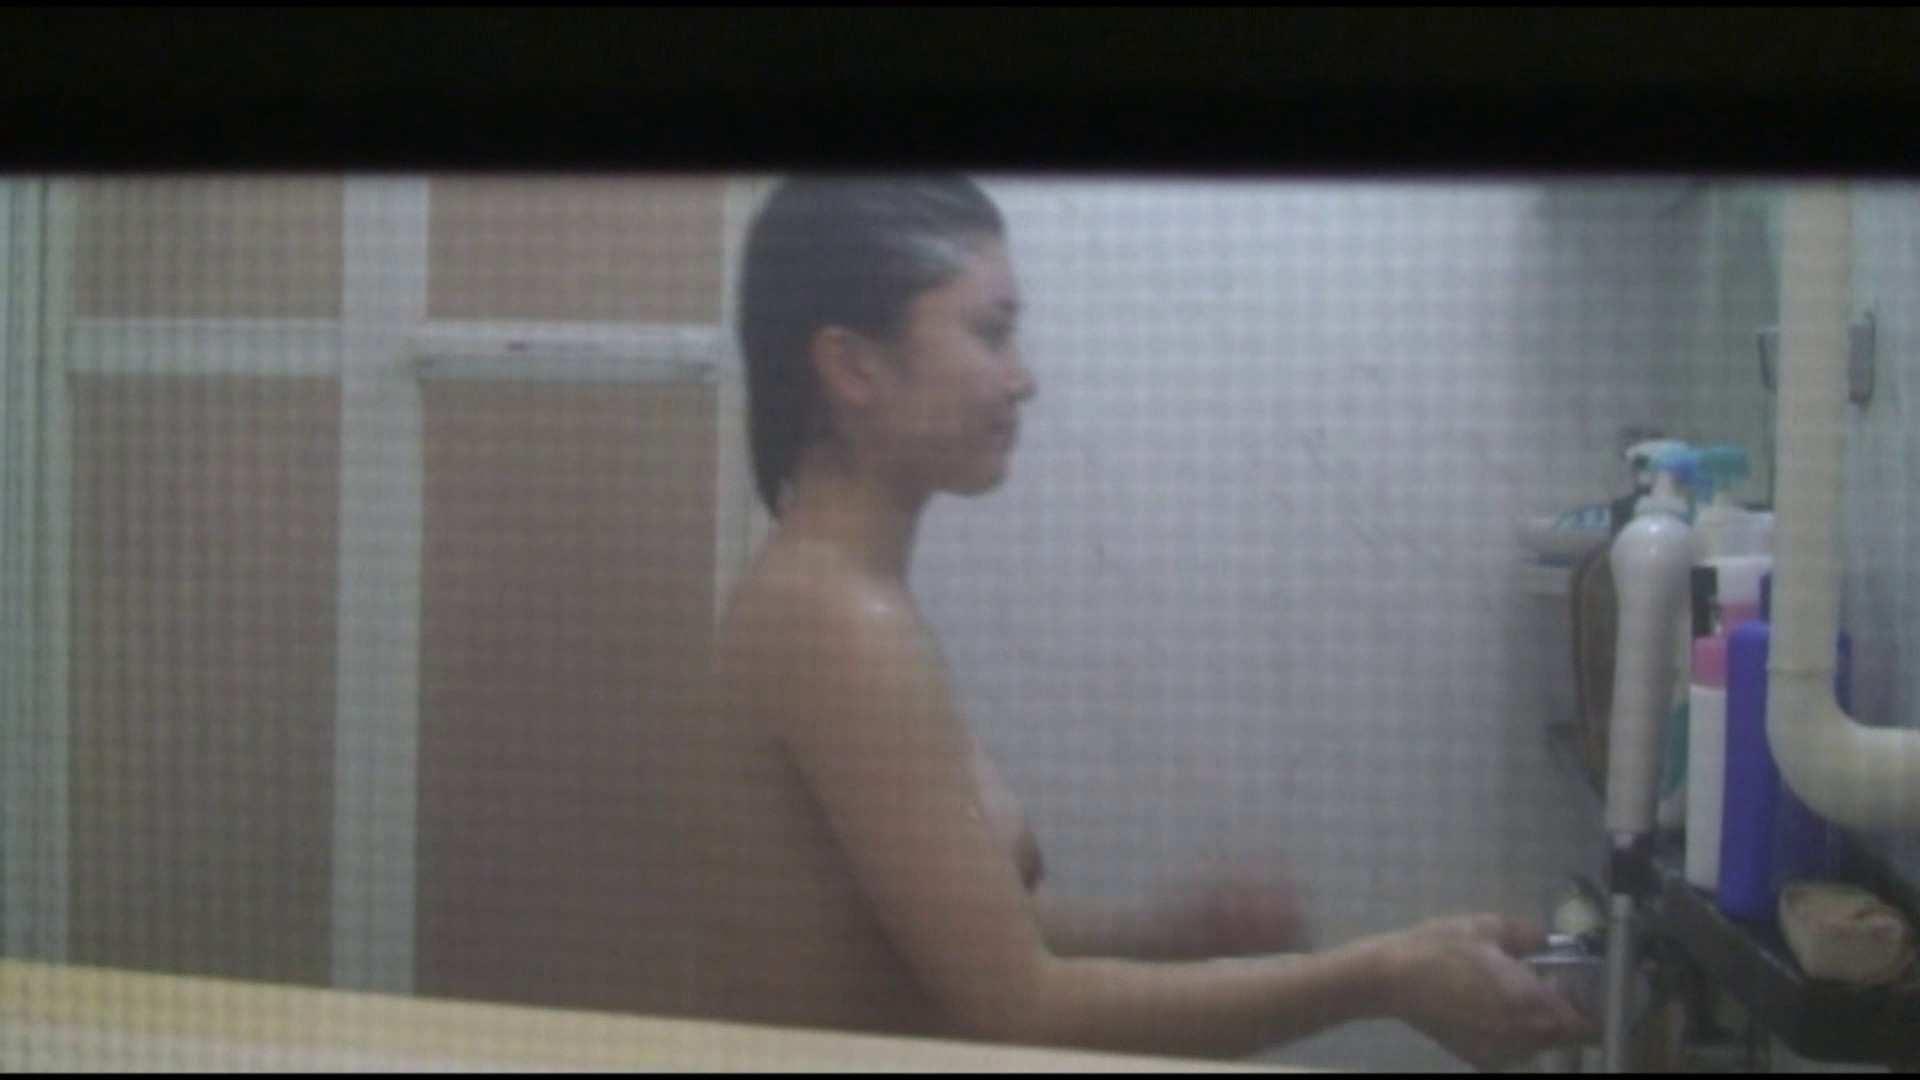 vol.04巨乳美人のおっぱいがプルルンッと弾けてます!風呂上りも必見 女体盗撮 隠し撮りAV無料 105連発 31